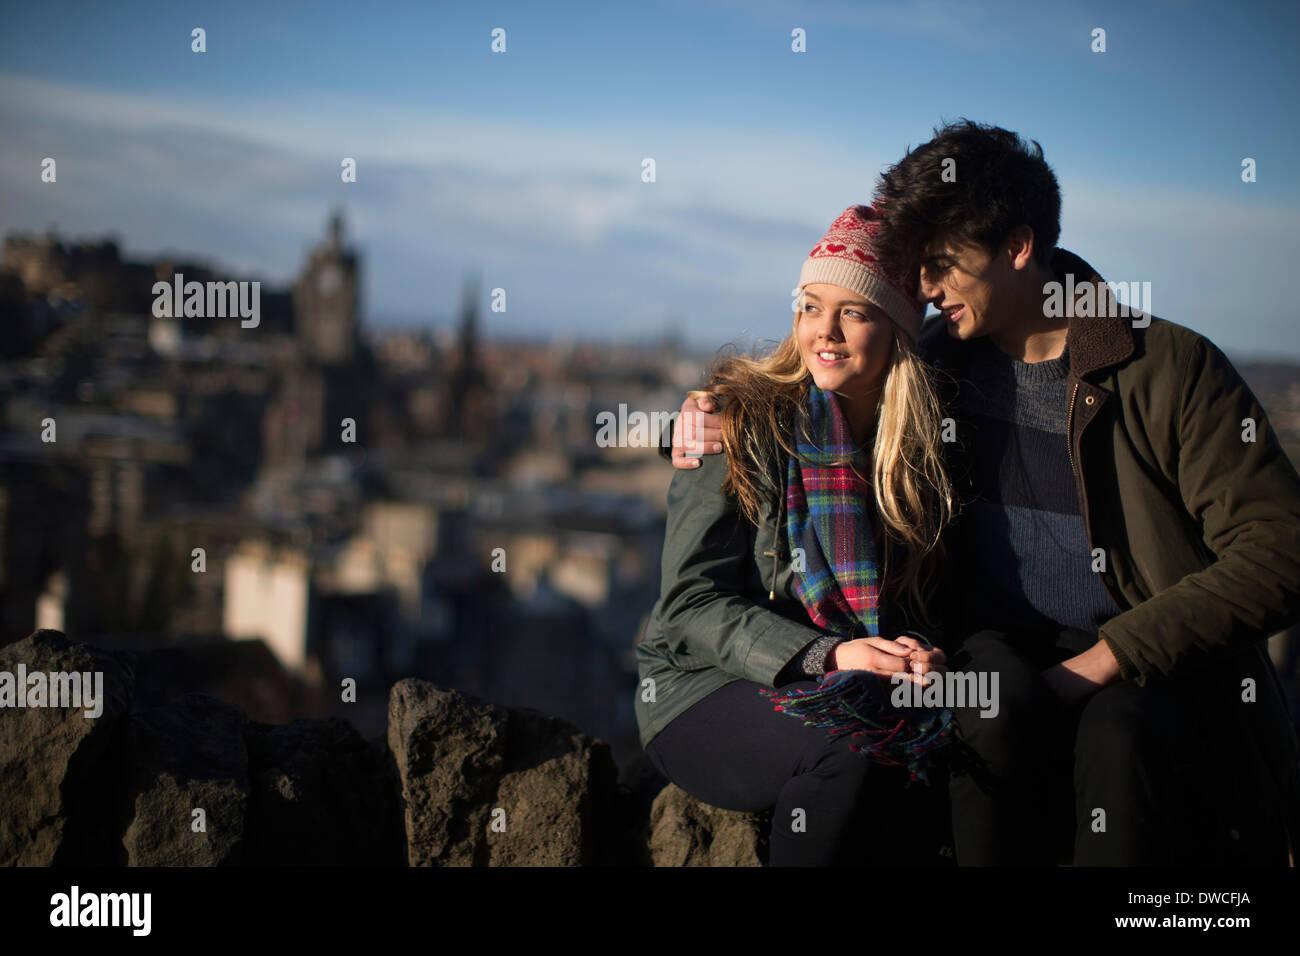 Un jeune couple hug sur Calton Hill avec l'arrière-plan de la ville d'Édimbourg, capitale de l'Ecosse Photo Stock